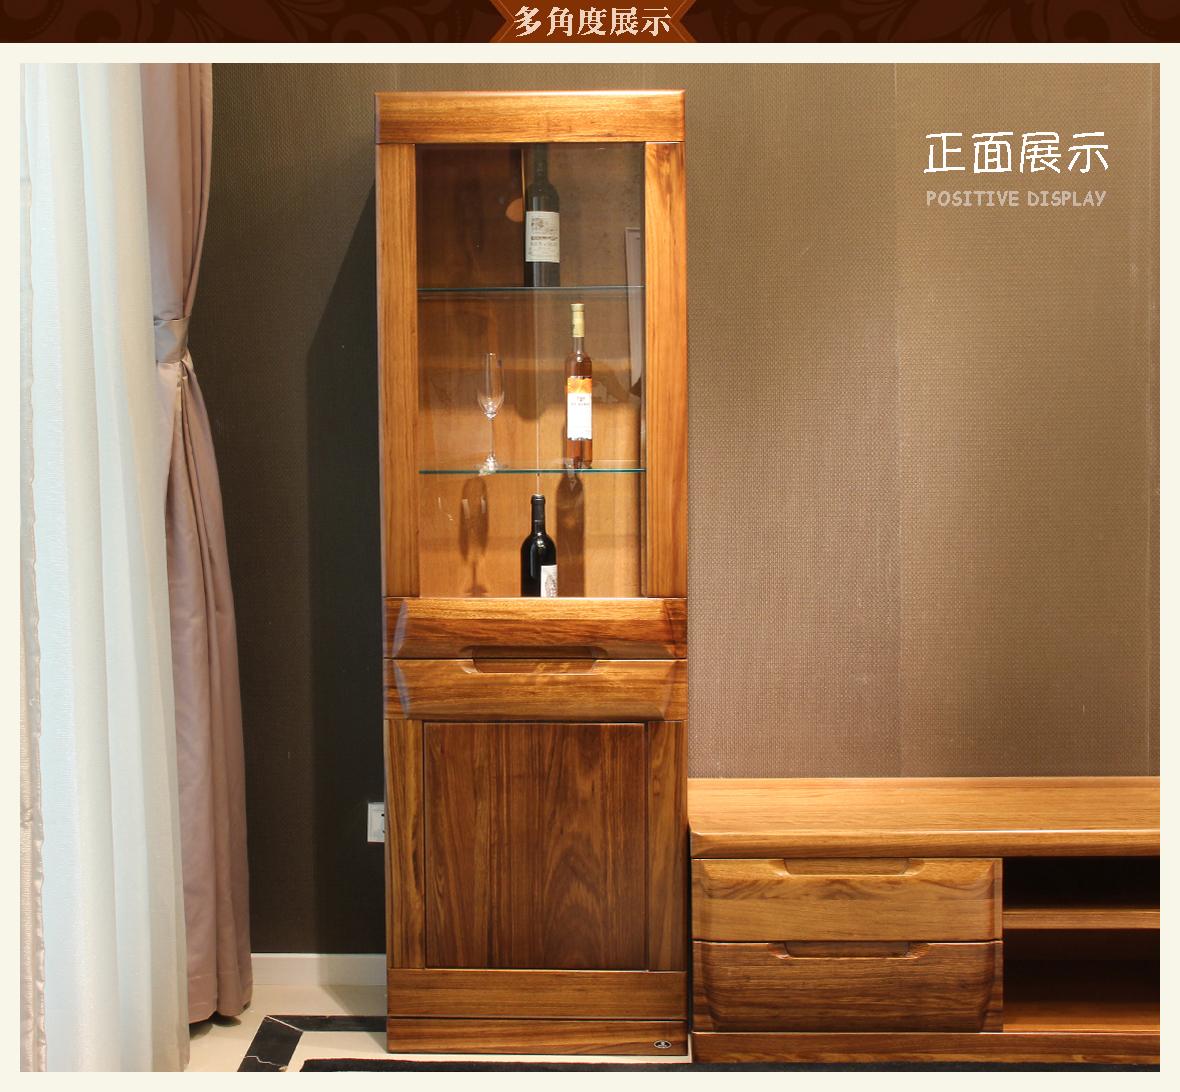 赖氏家具 乌金木厅柜(高柜)wjk03b型号 进口实木 现代